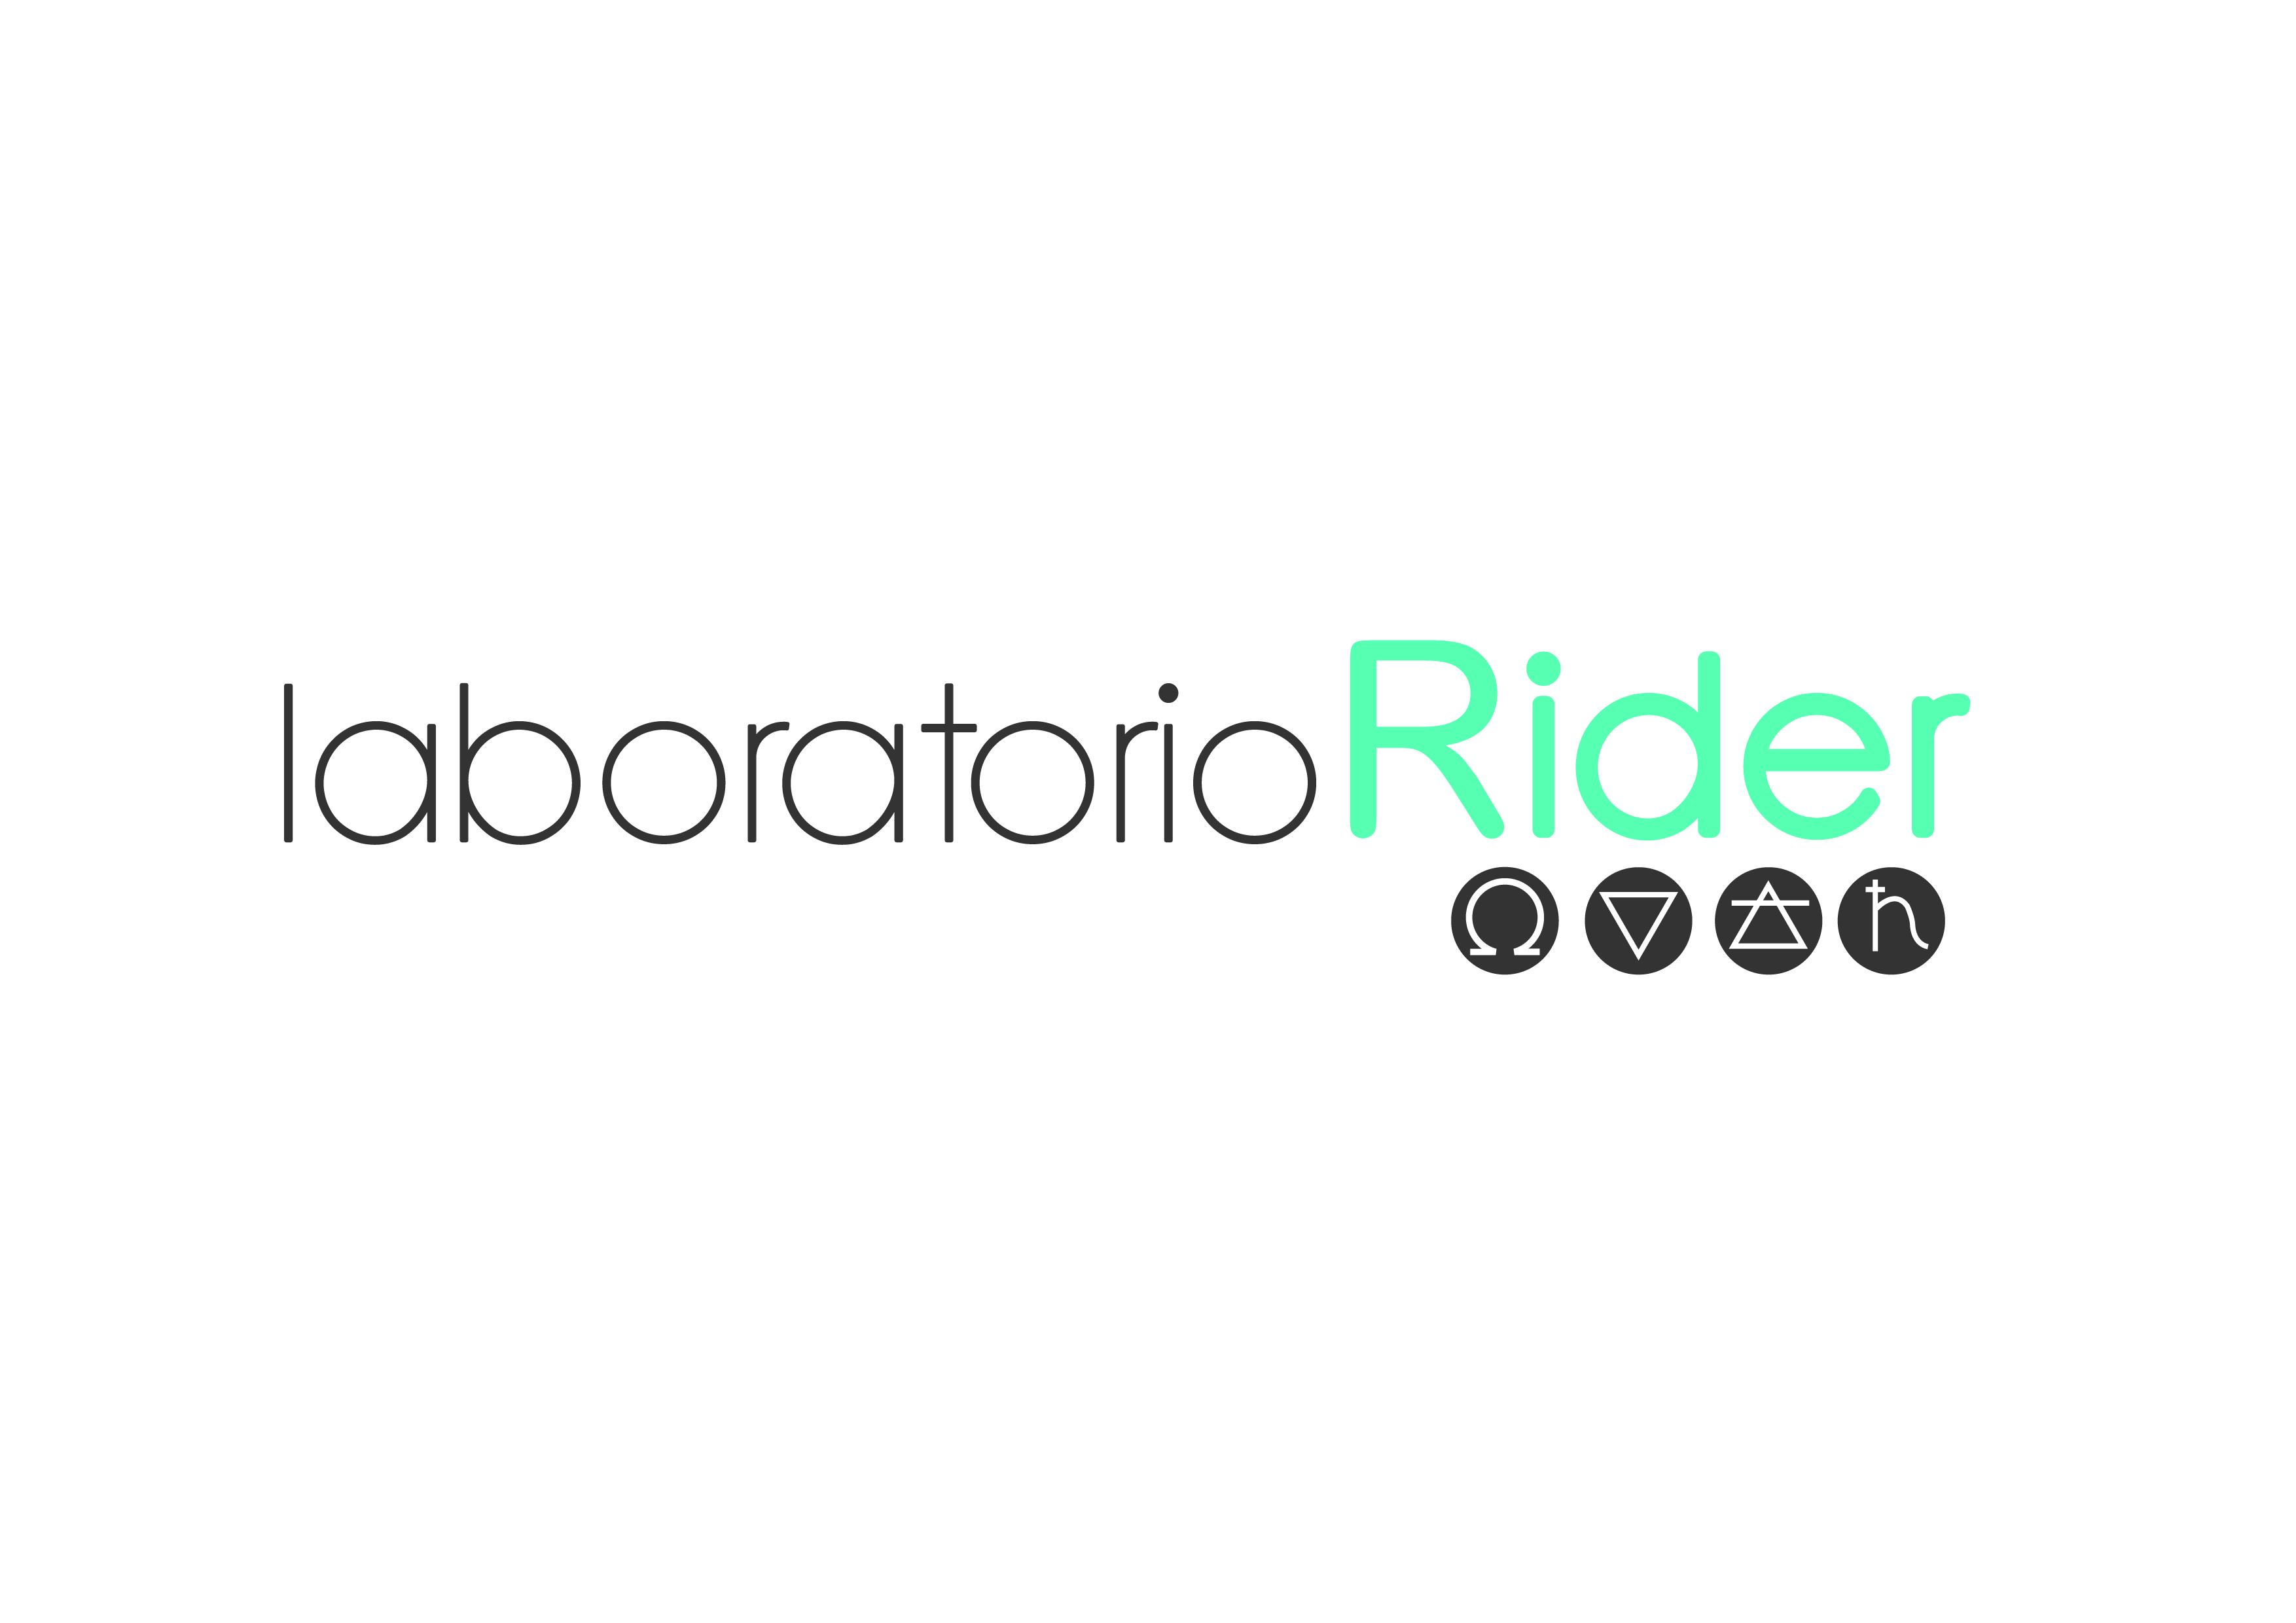 LABORATORIO RIDER